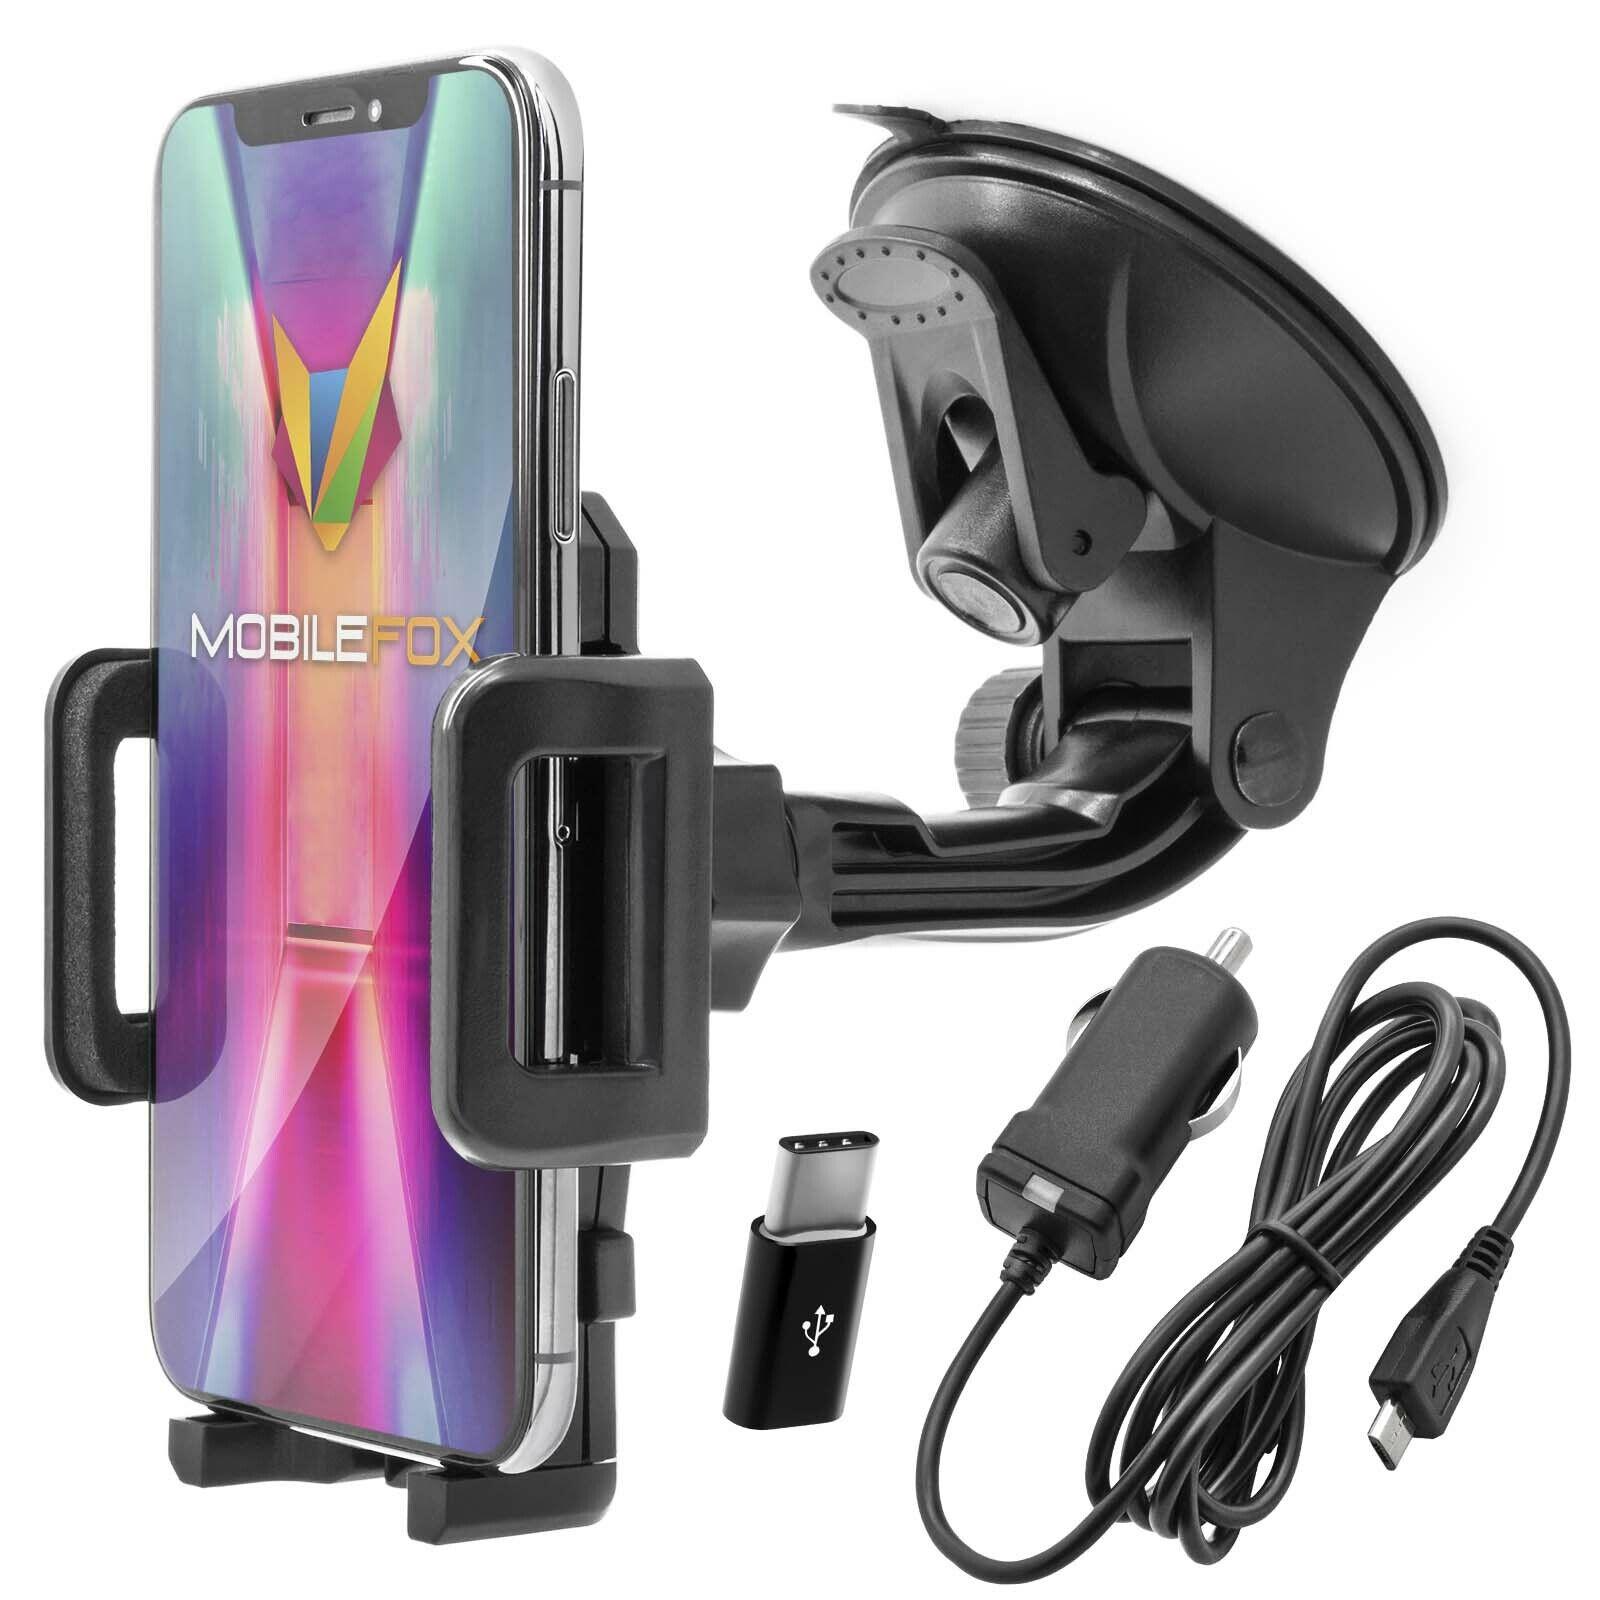 KFZ Auto Handy Halter Halterung Ladekabel Set für Samsung Galaxy S10 S9 S8 Plus